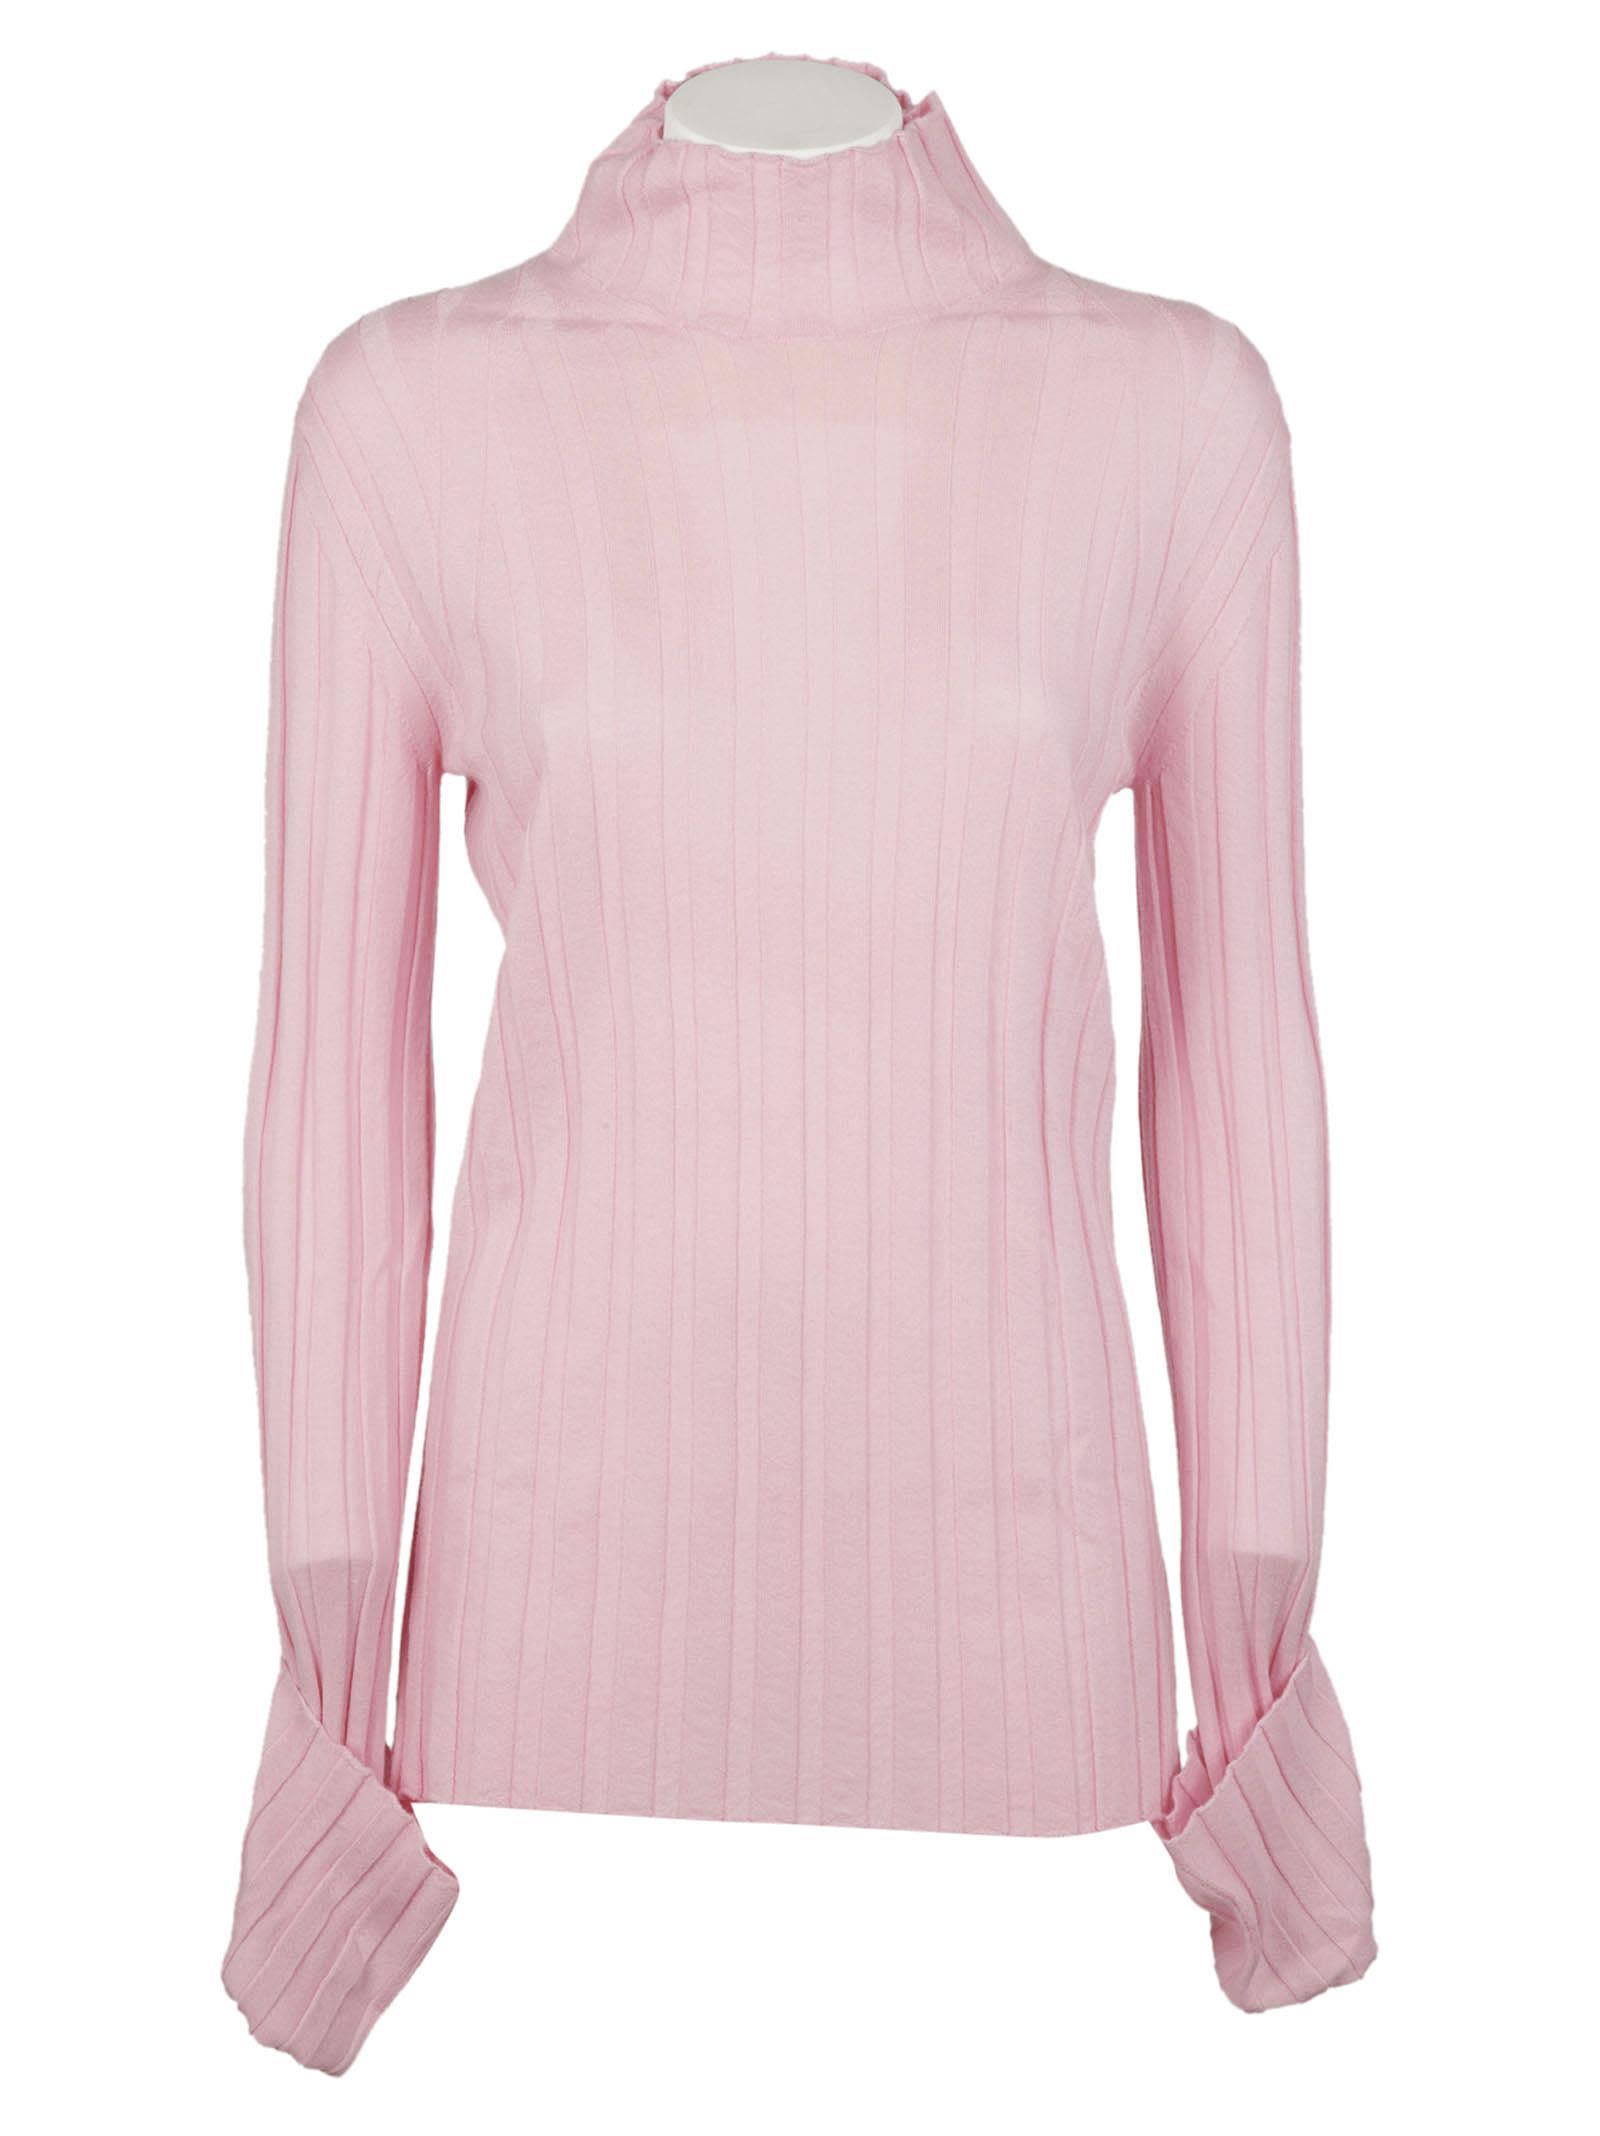 Celine - Celine Knit Sweater - Pale pink, Women's Sweaters | Italist